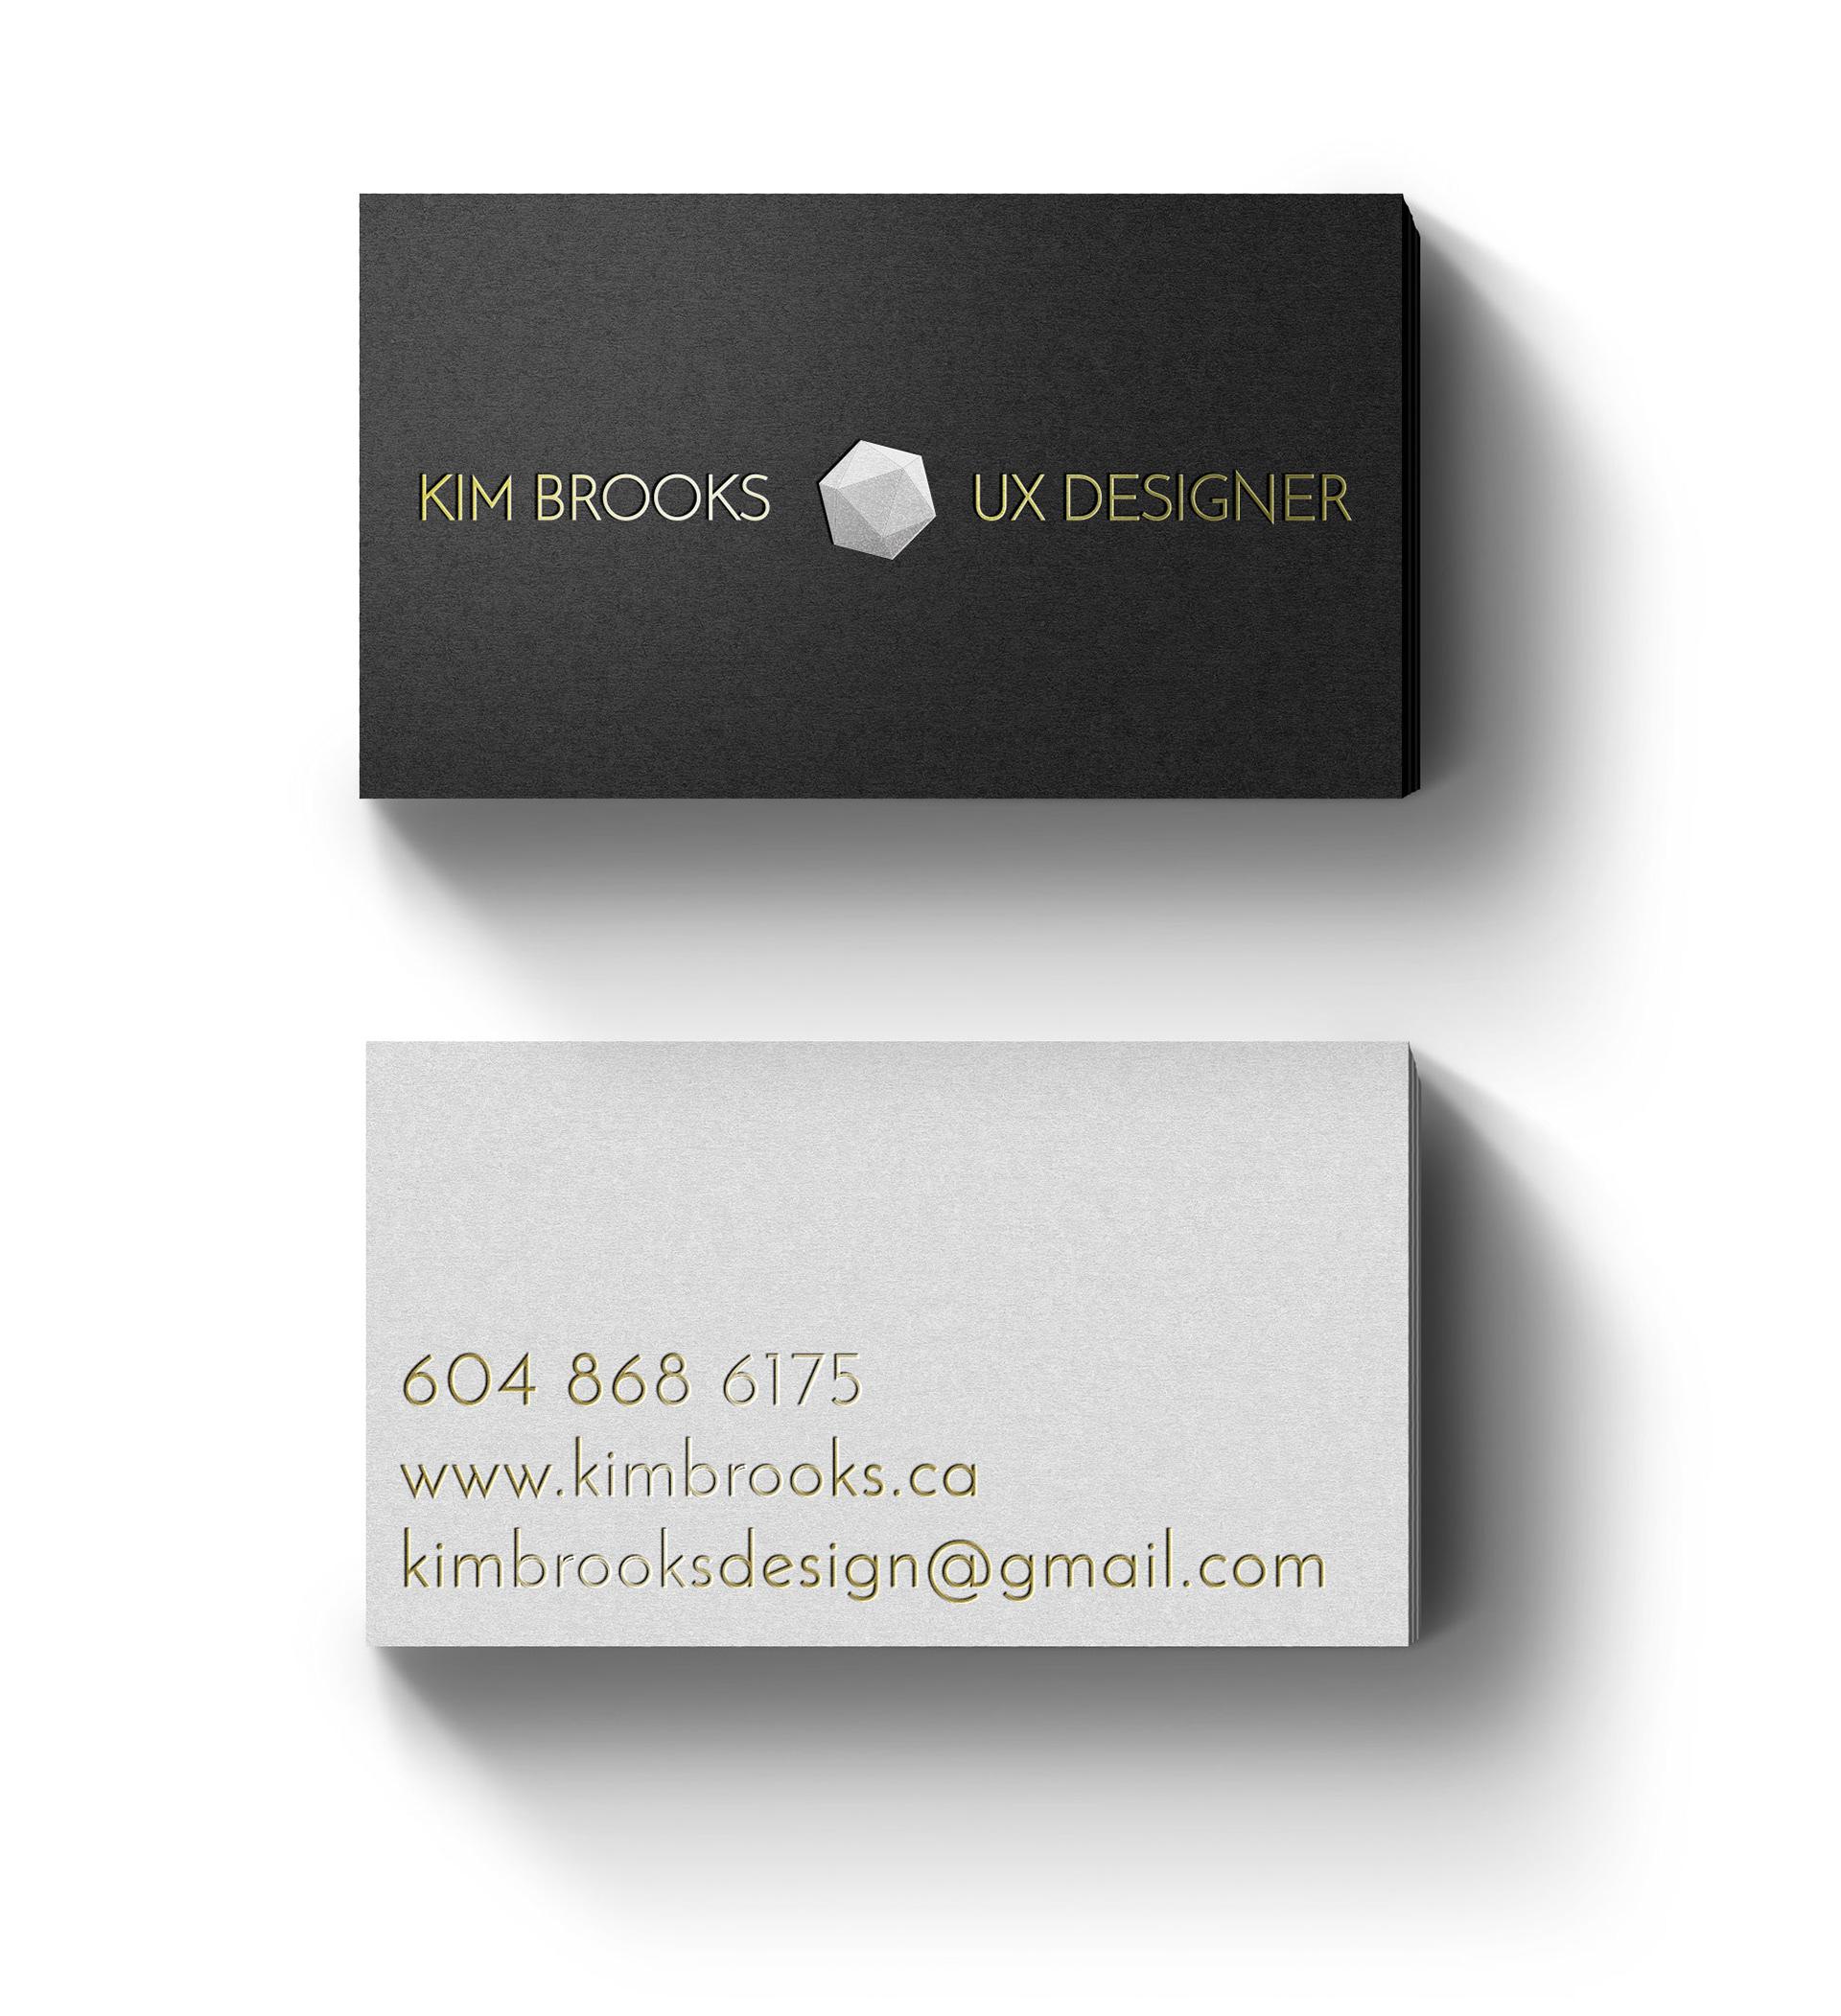 Kim Brooks - Illustrations